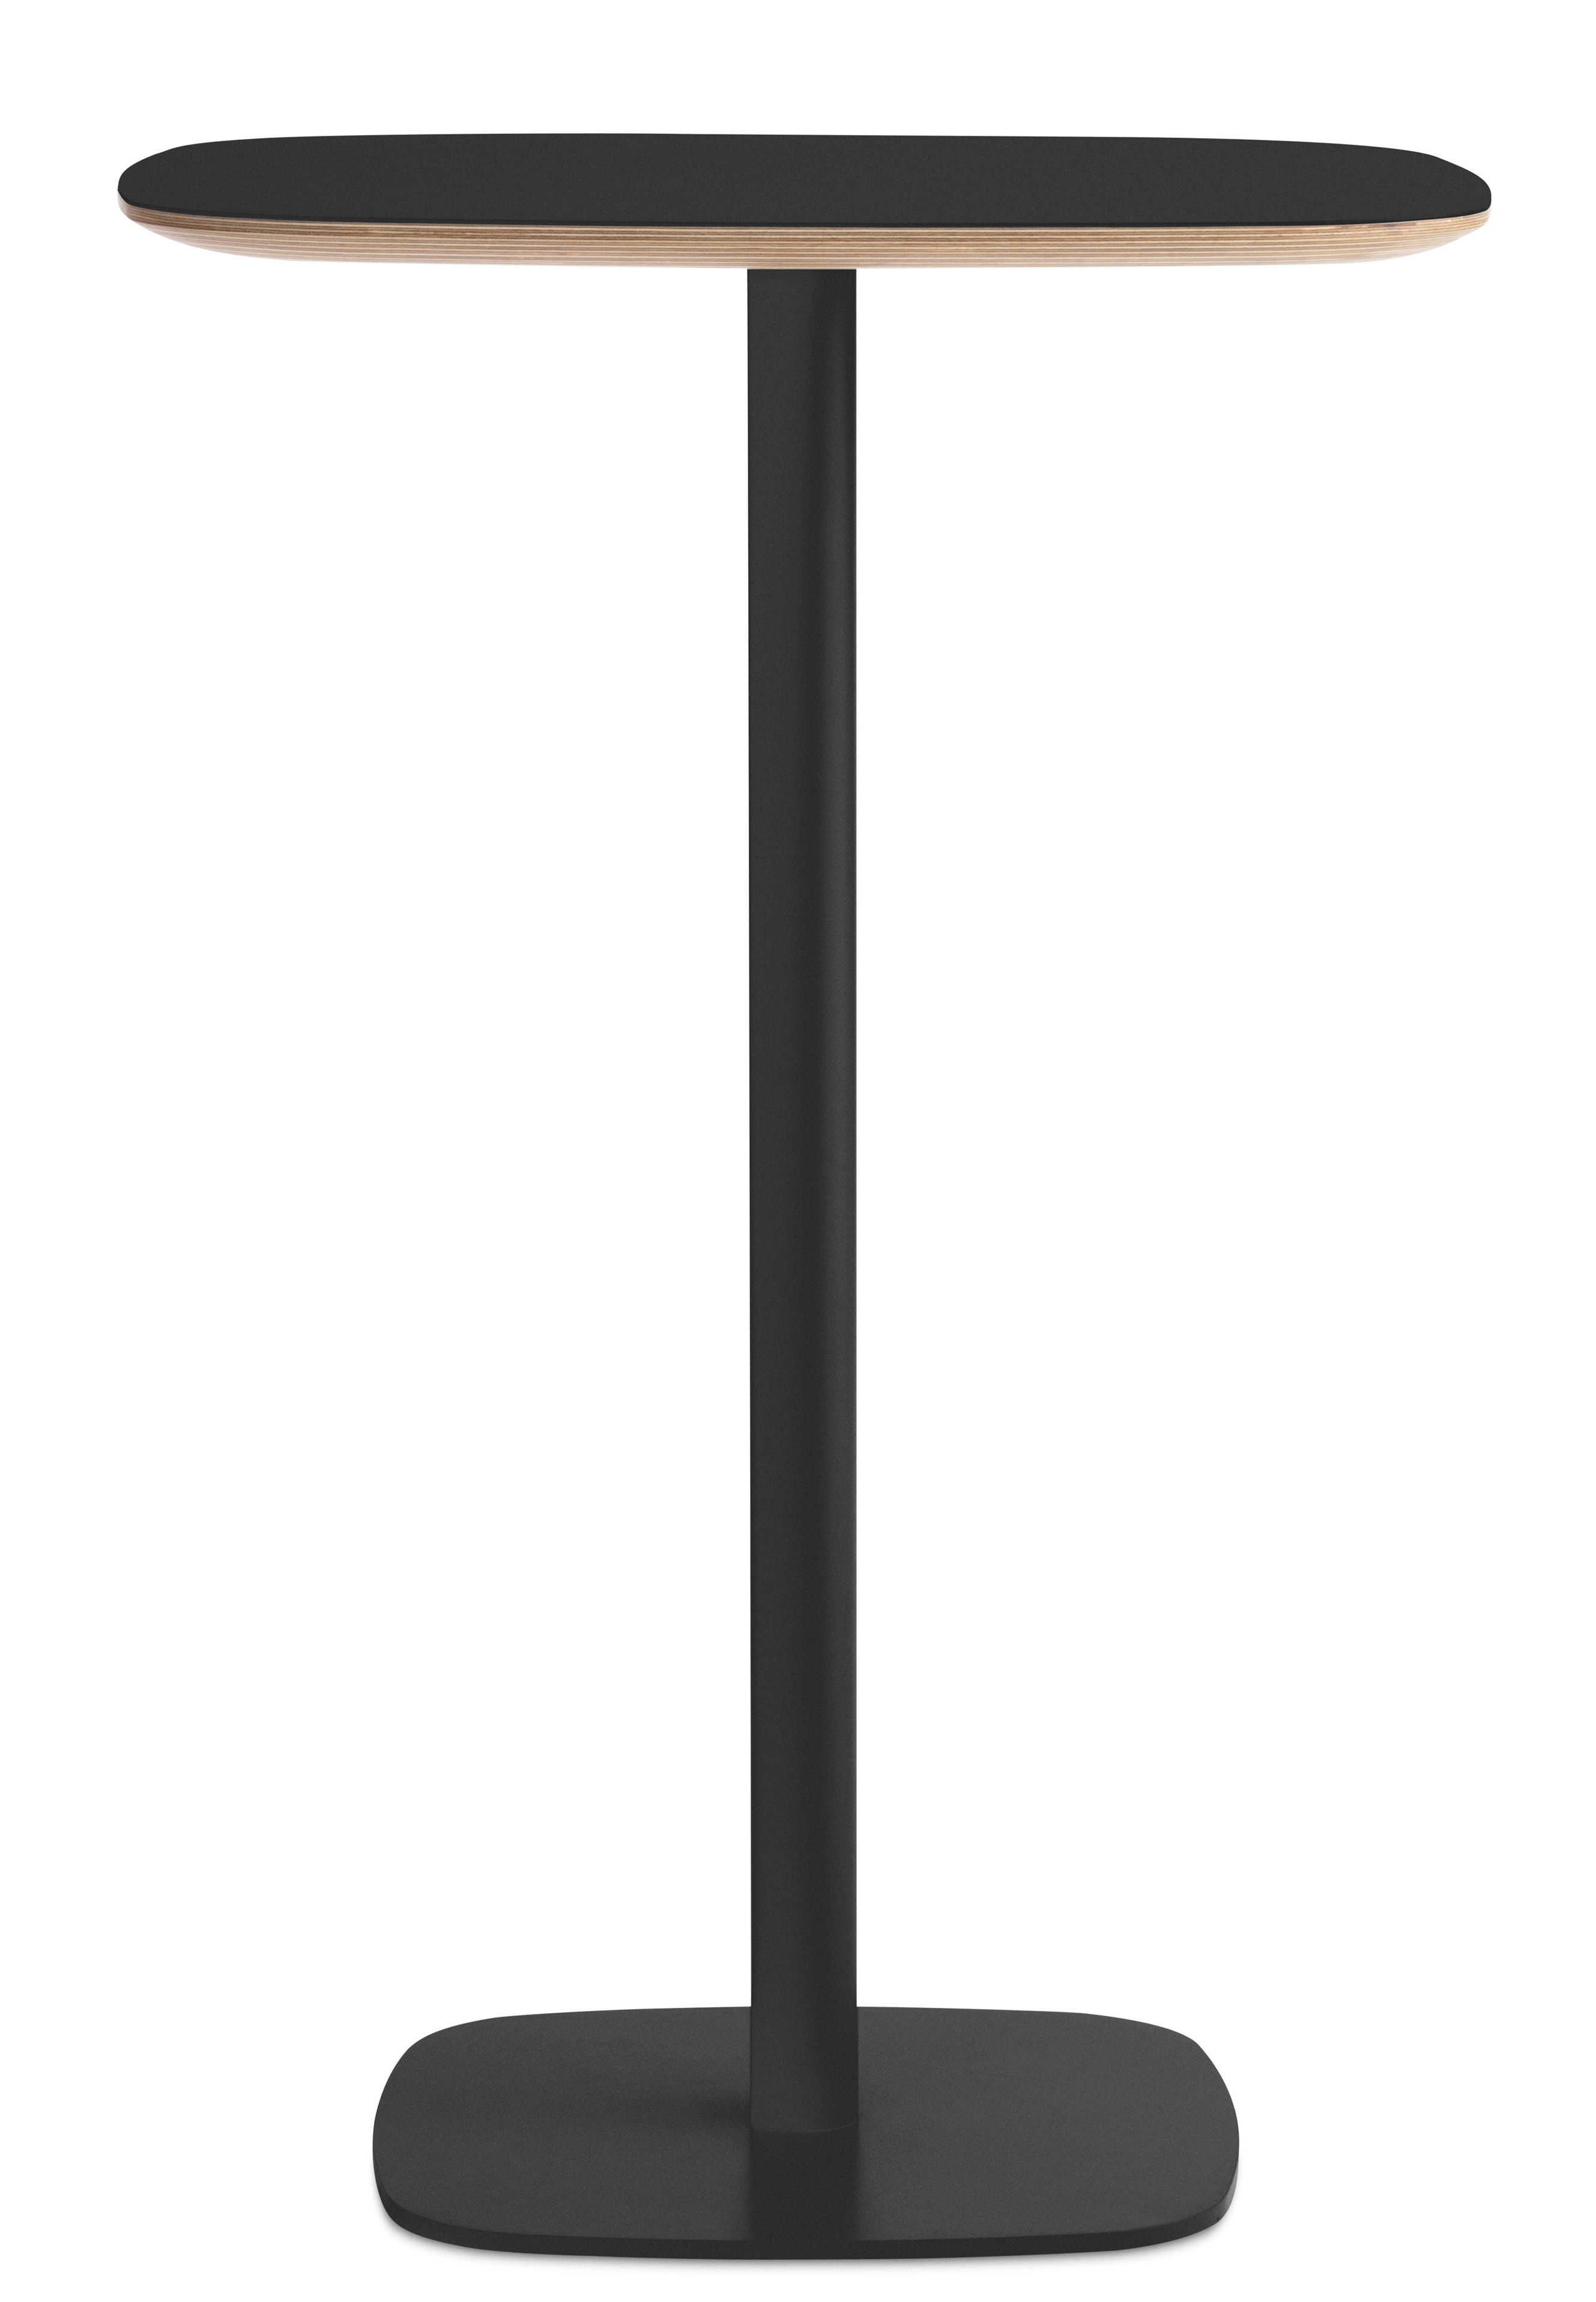 Mobilier - Mange-debout et bars - Mange-debout Form / 70x70 x H 104,5 cm - Normann Copenhagen - Noir / Chêne - Acier laqué, Chêne laqué, Chêne recouvert de linoleum